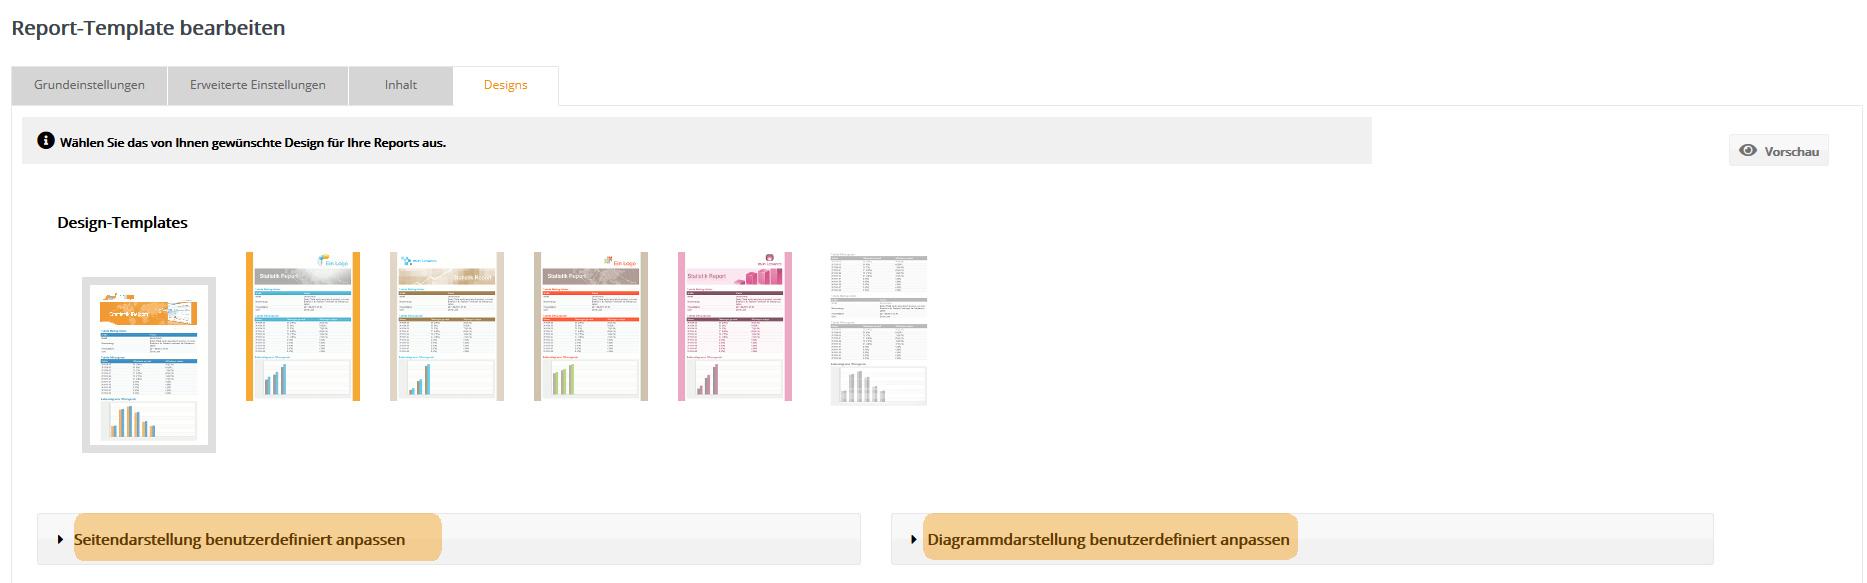 uebersicht_design